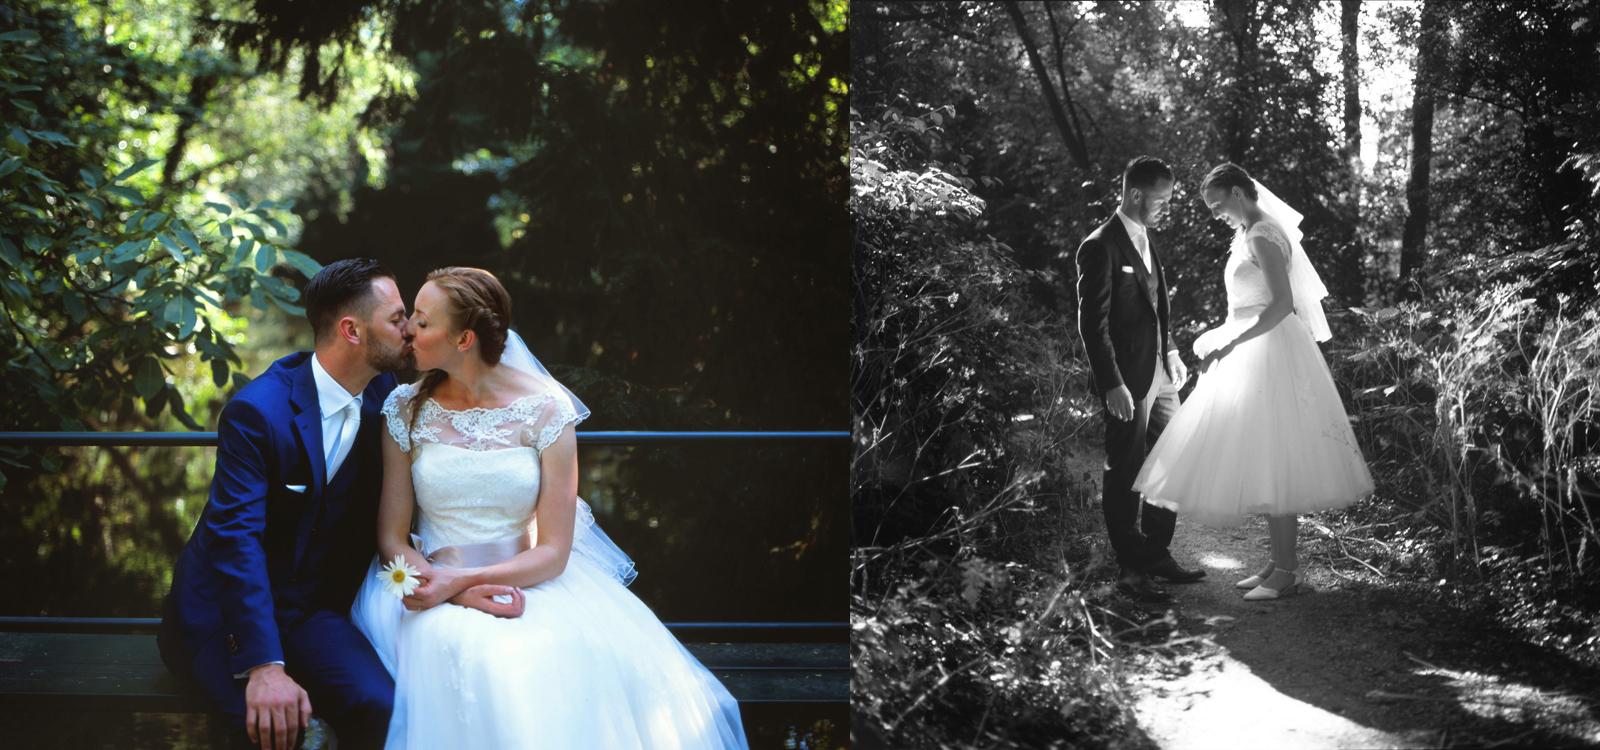 Bruidsportret in het park. Prachtig bruidsportret door een ervaren trouwfotograaf.